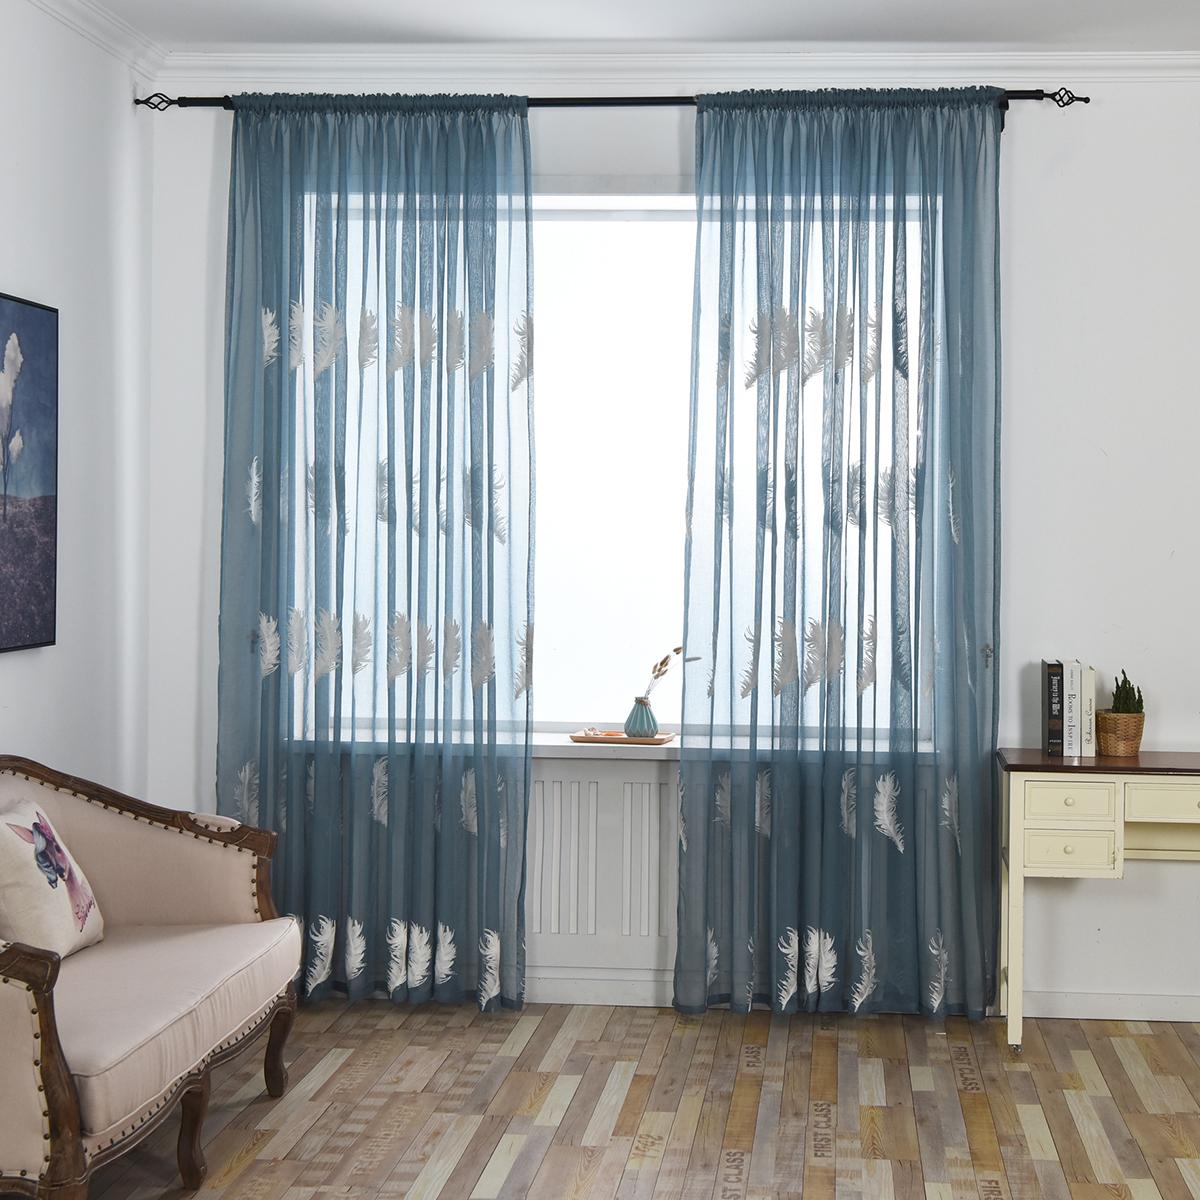 Вышитые Гардинные Шторы для Гостиной Перо Современная Дизайн Спальня Элегантные Шторы Пряжа Voile